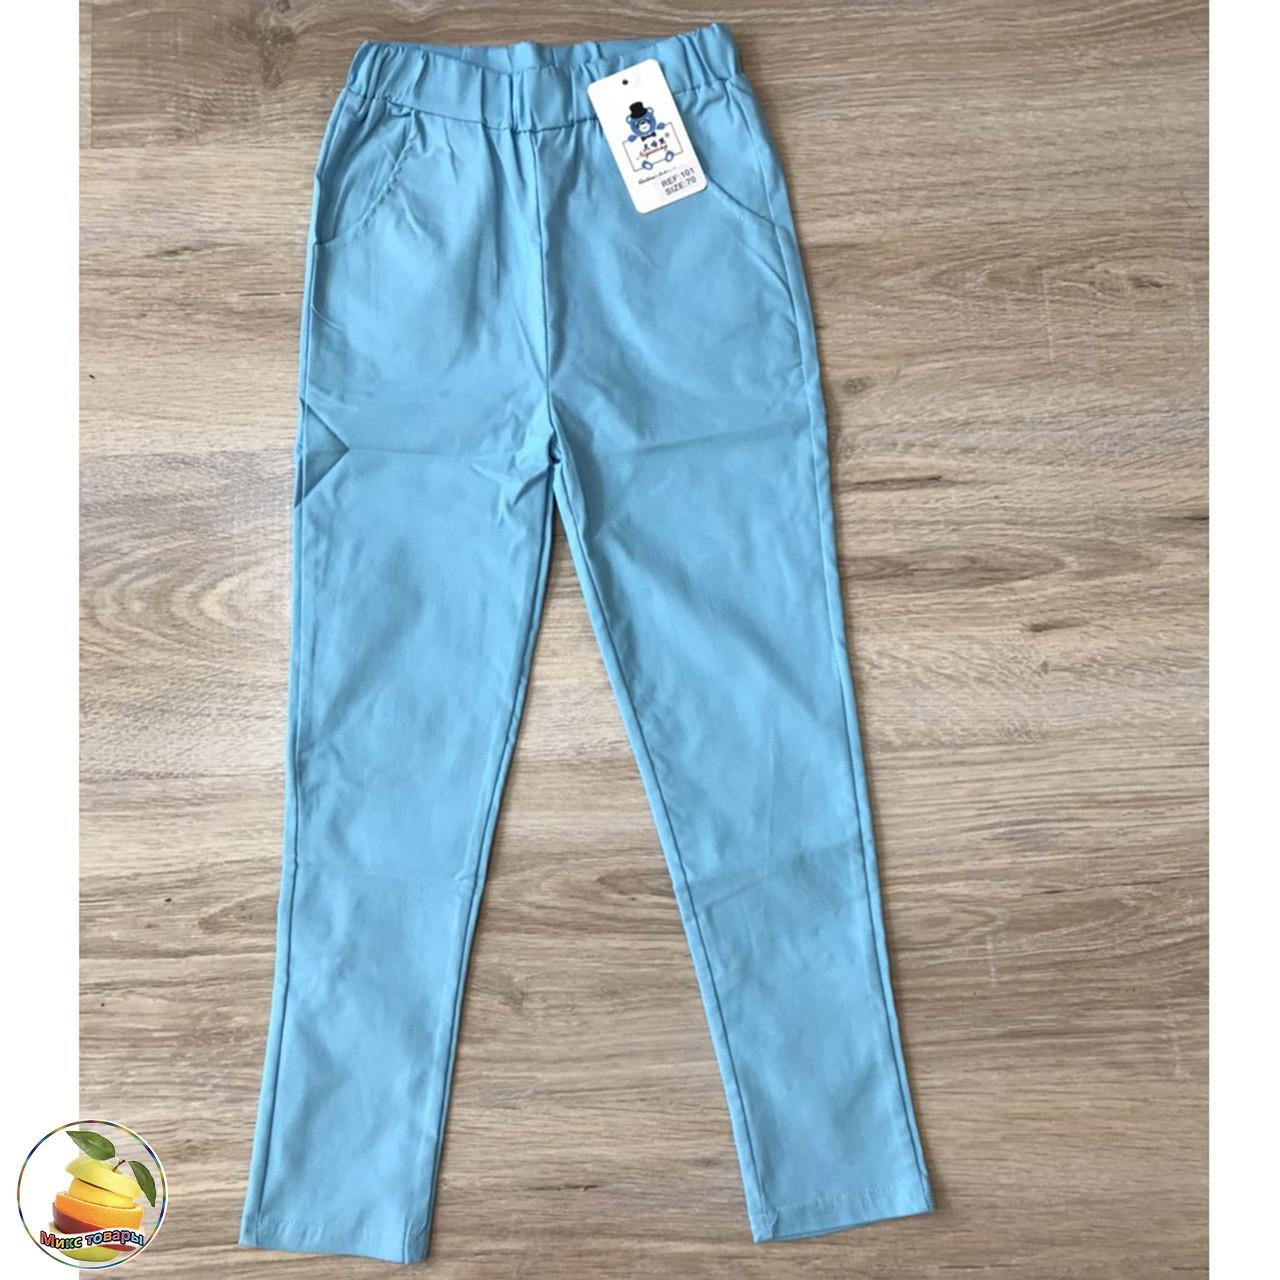 Літні джинси зі стрейч для дівчинки Розміри: від 6 до 13 років (20213-1)